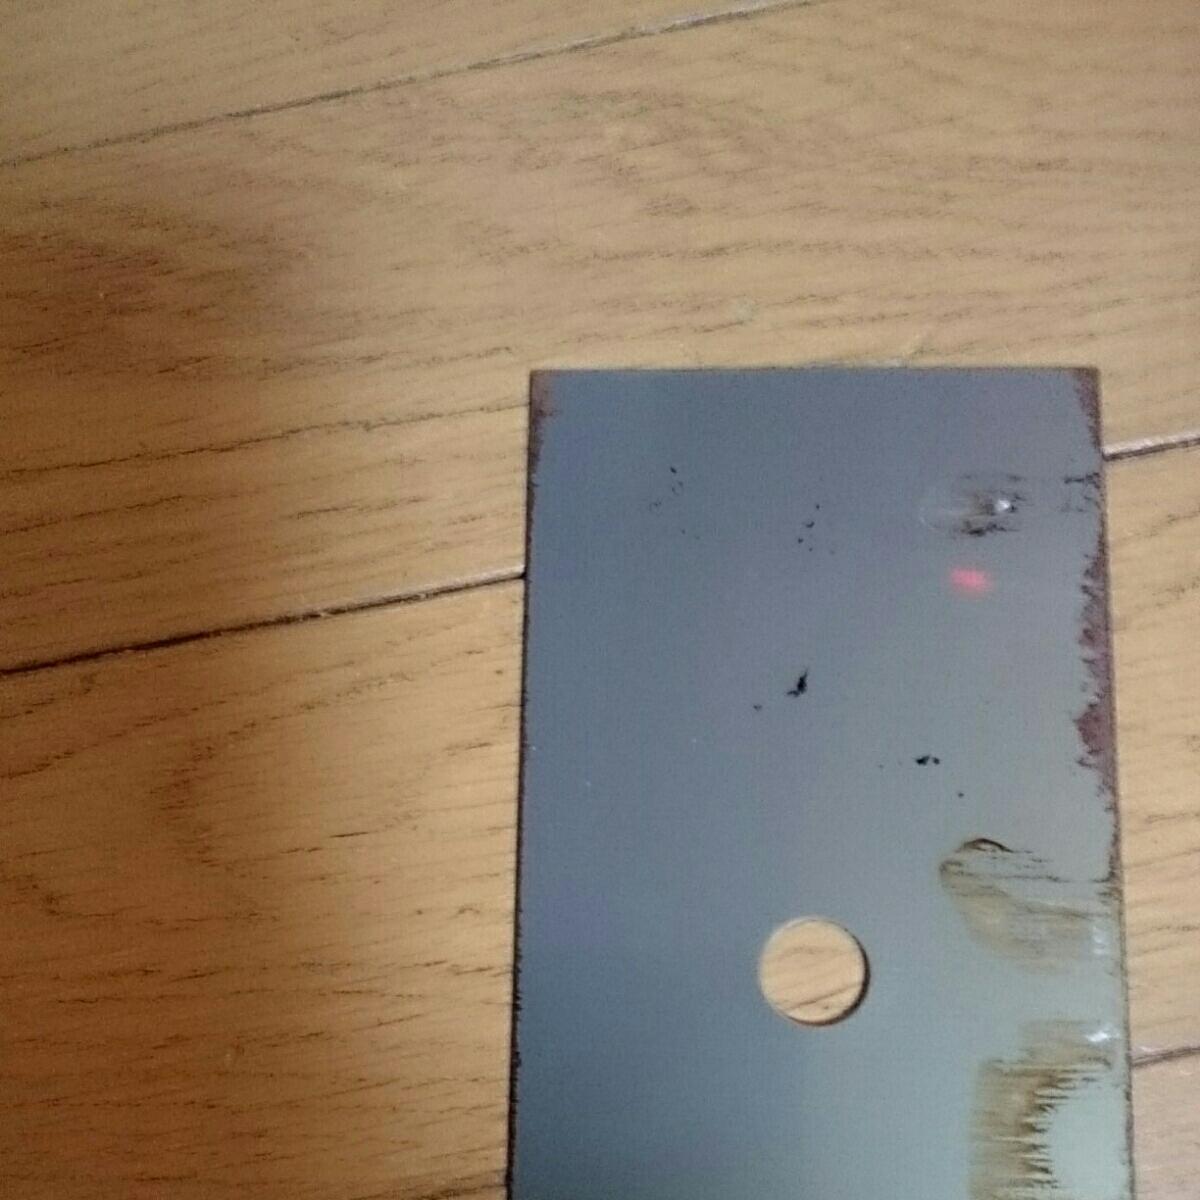 お値打ち鋼材 切板 平鋼 鋼板 鉄板 フラットバー 鉄 補強材 ストッパー 穴明き 薄板t0.5㎜ 長さ約235×75㎜ 新品 作業台 DlY等々に_画像8